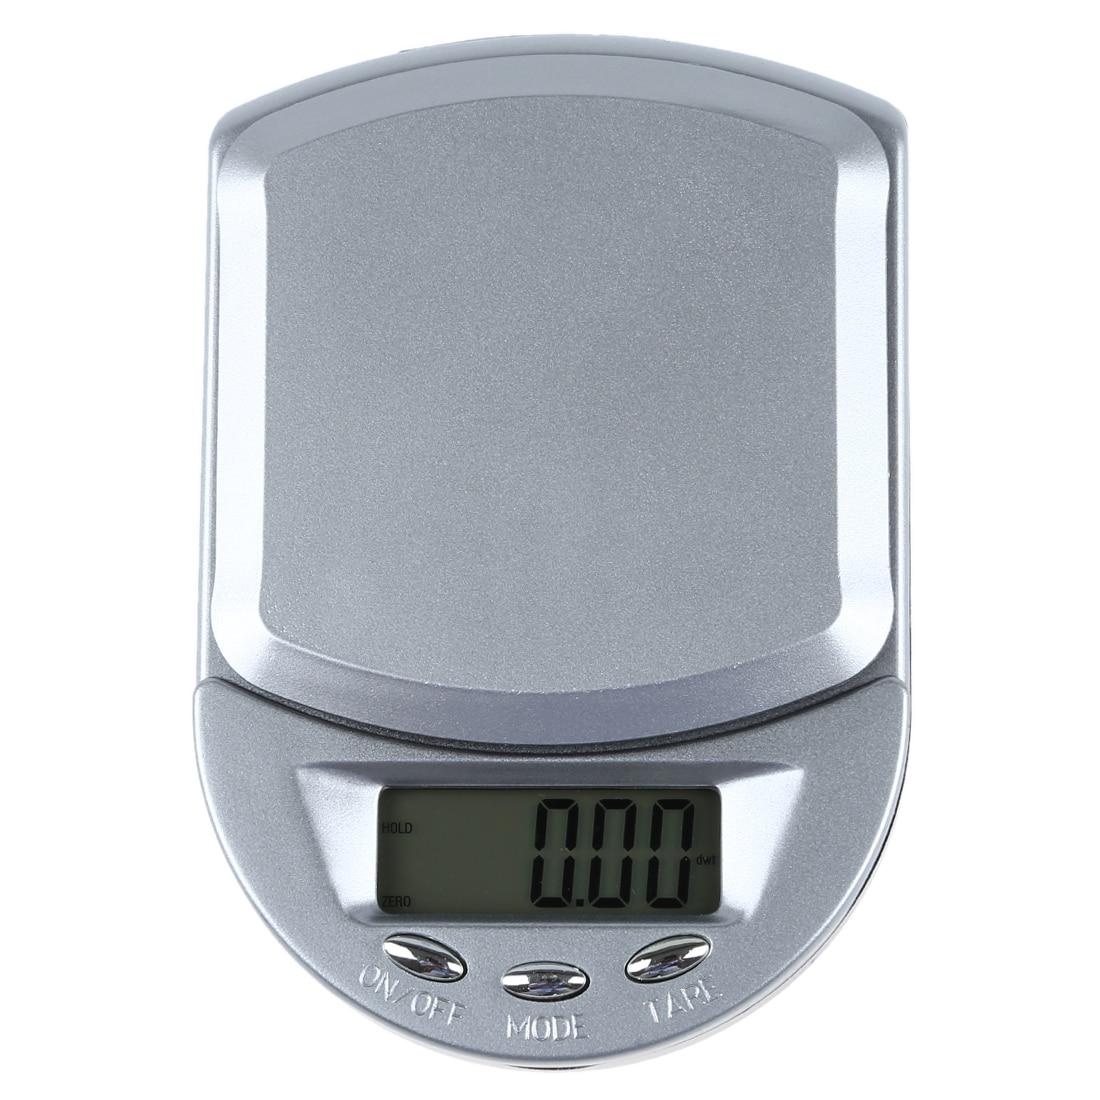 500 г/0,1 г цифровой карман кухонные весы бытовые точный письмо